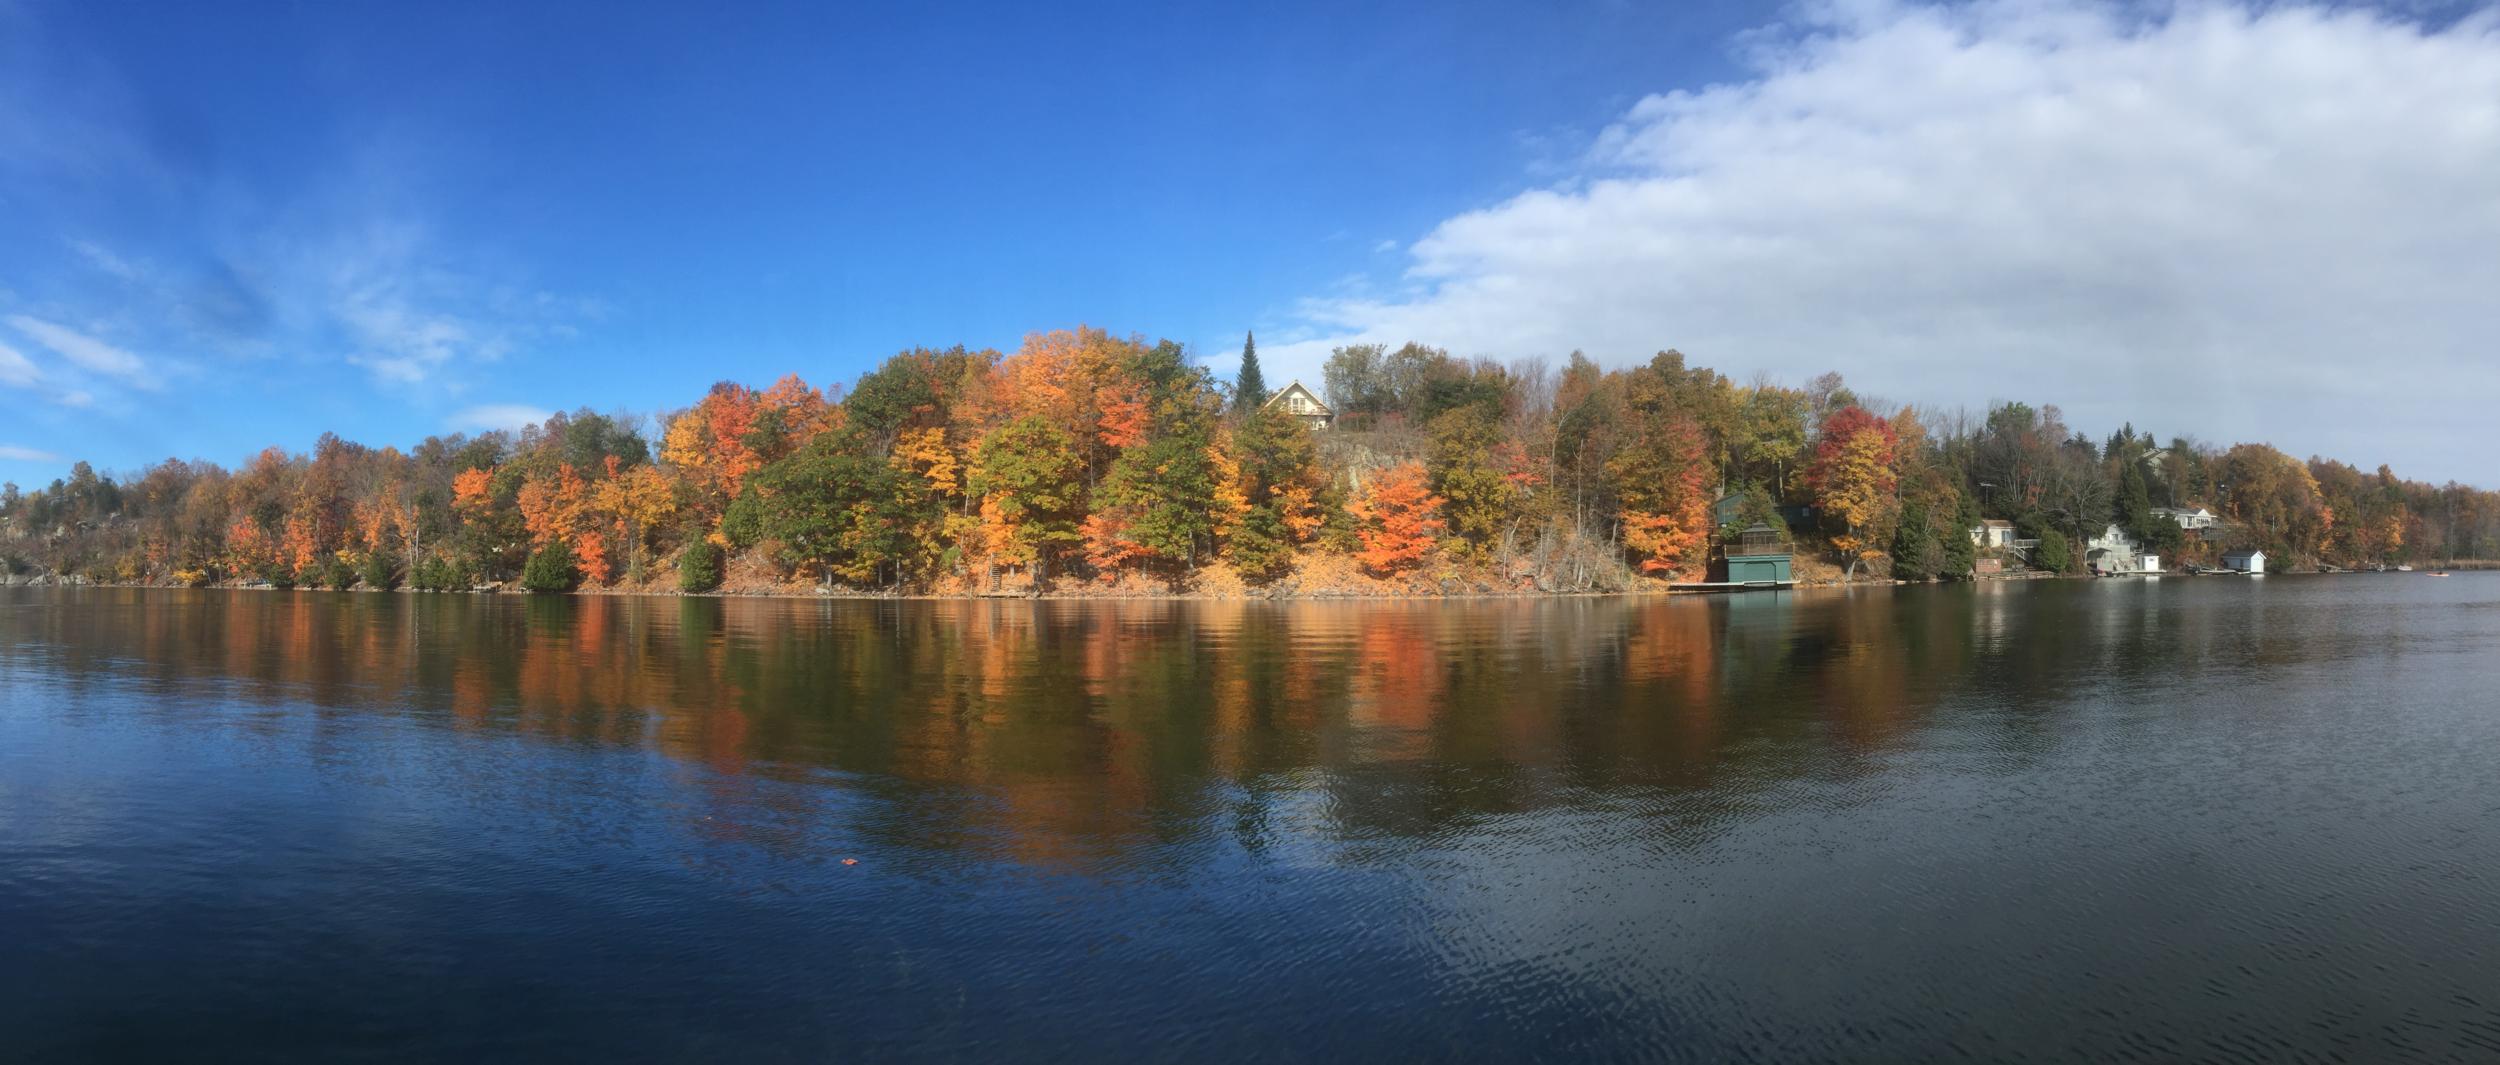 Fall near Wildflower Lane